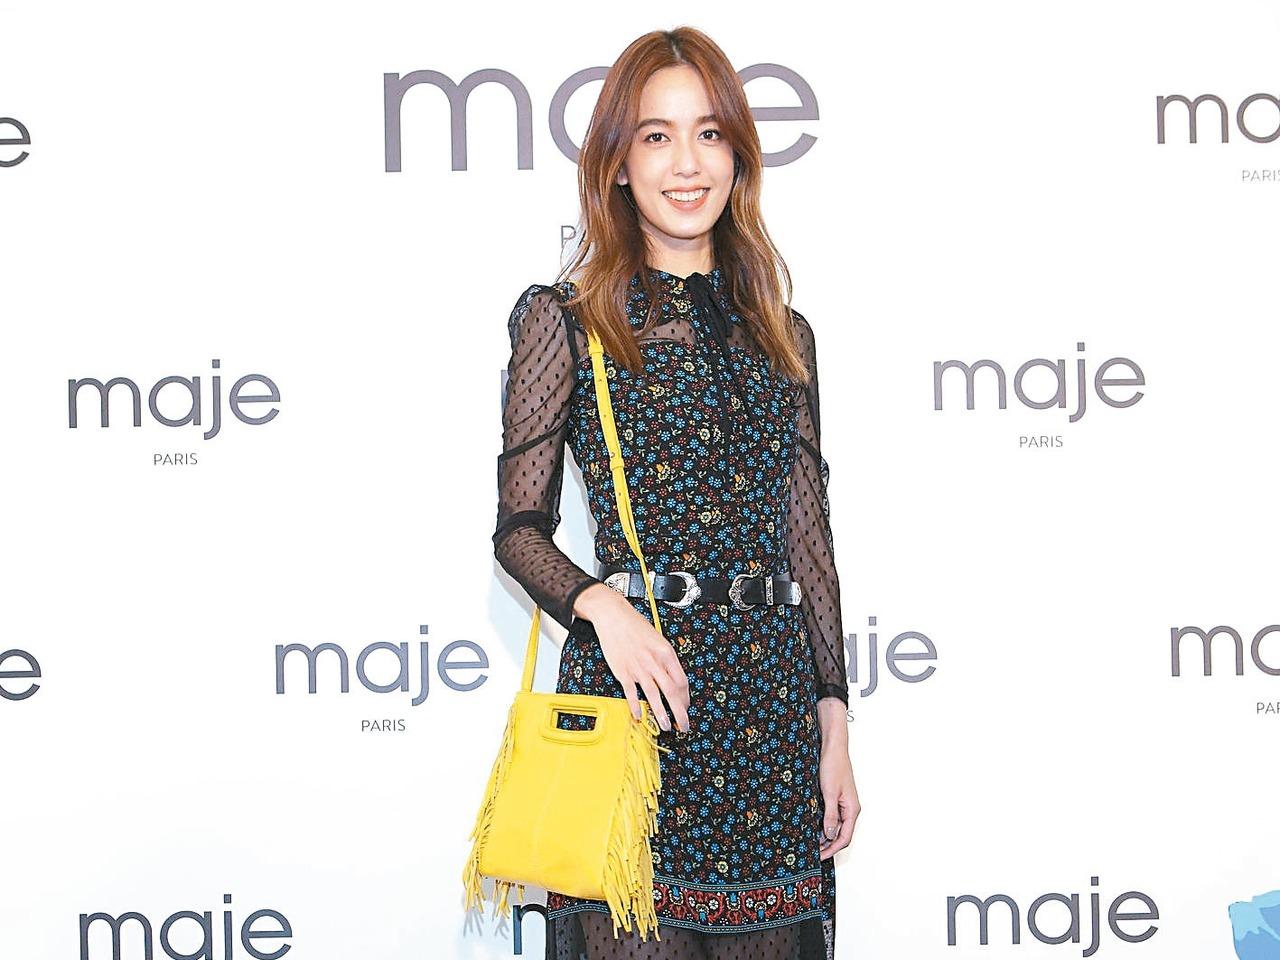 巴黎時尚輕奢品牌maje登台,是今年秋冬的時尚大事。 maje/提供